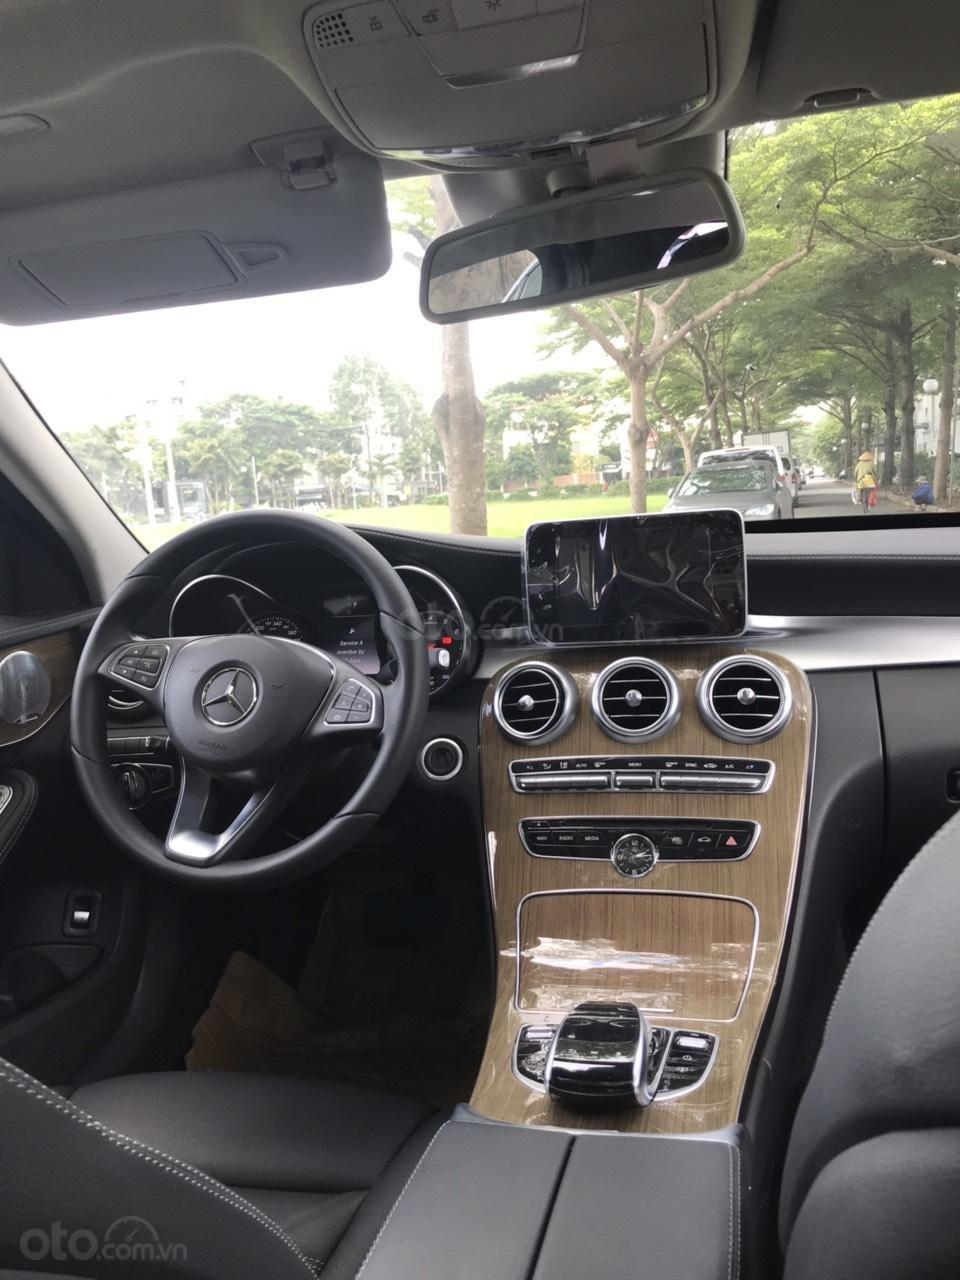 Cần bán xe C250 màu đen chính hãng có cam360 (5)